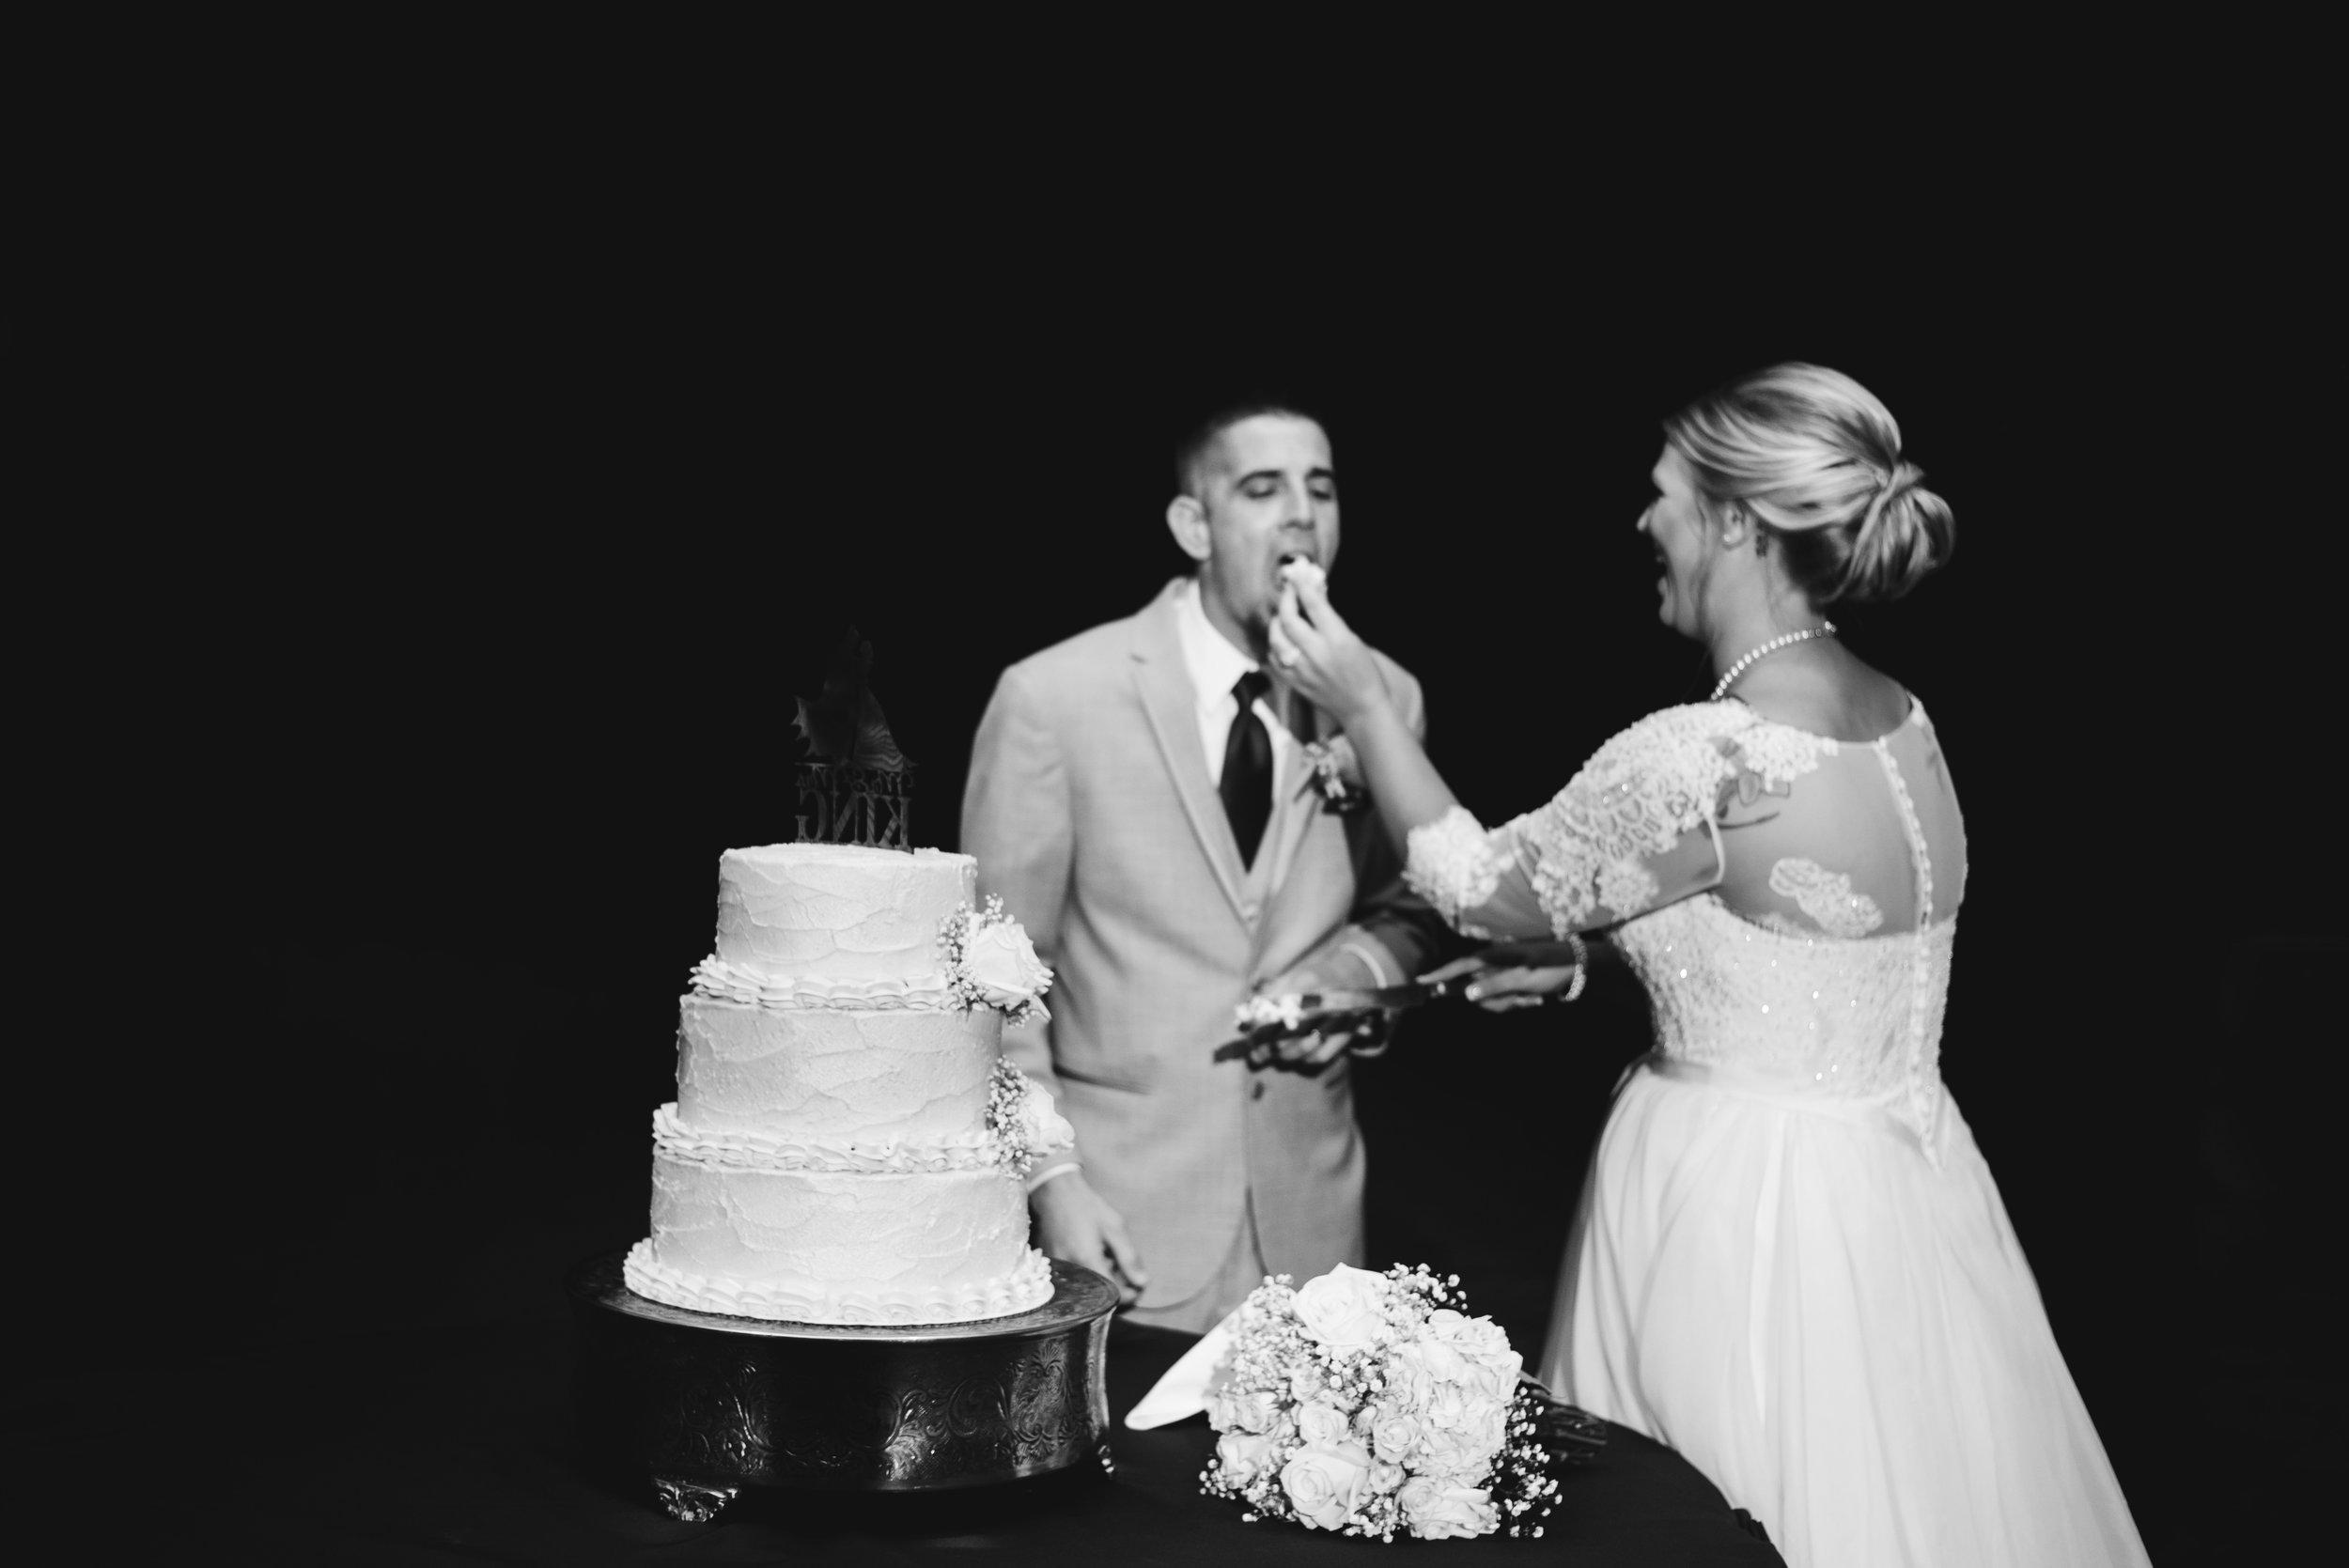 King-Northern-Illinois-University-Wedding103.jpg